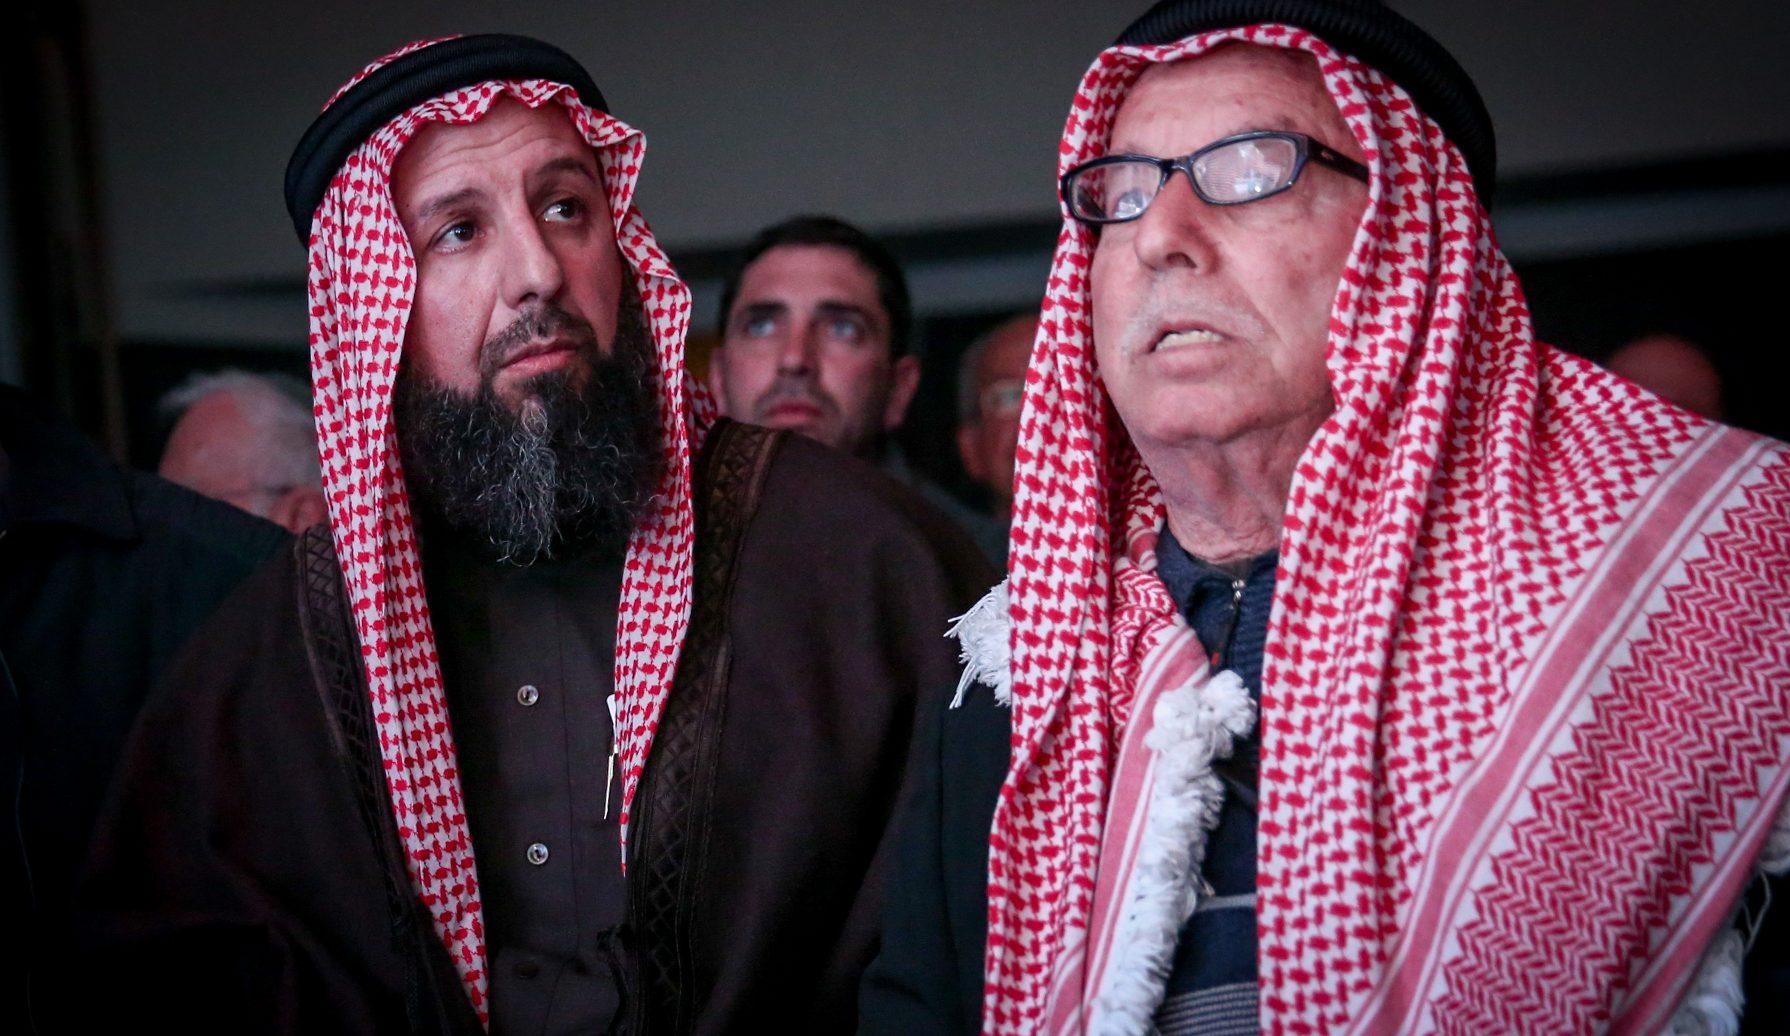 Sheikh Abu Khalil El Tamimi (L) attends the 14th annual Jerusalem Conference of the 'Besheva' group, on February 12, 2017. Photo by Yonatan Sindel/Flash90 *** Local Caption *** ùééç àáå çìéì àì úîéîé áùáò ëðñ ëðñ éøåùìéí òøáéí éäåãéí